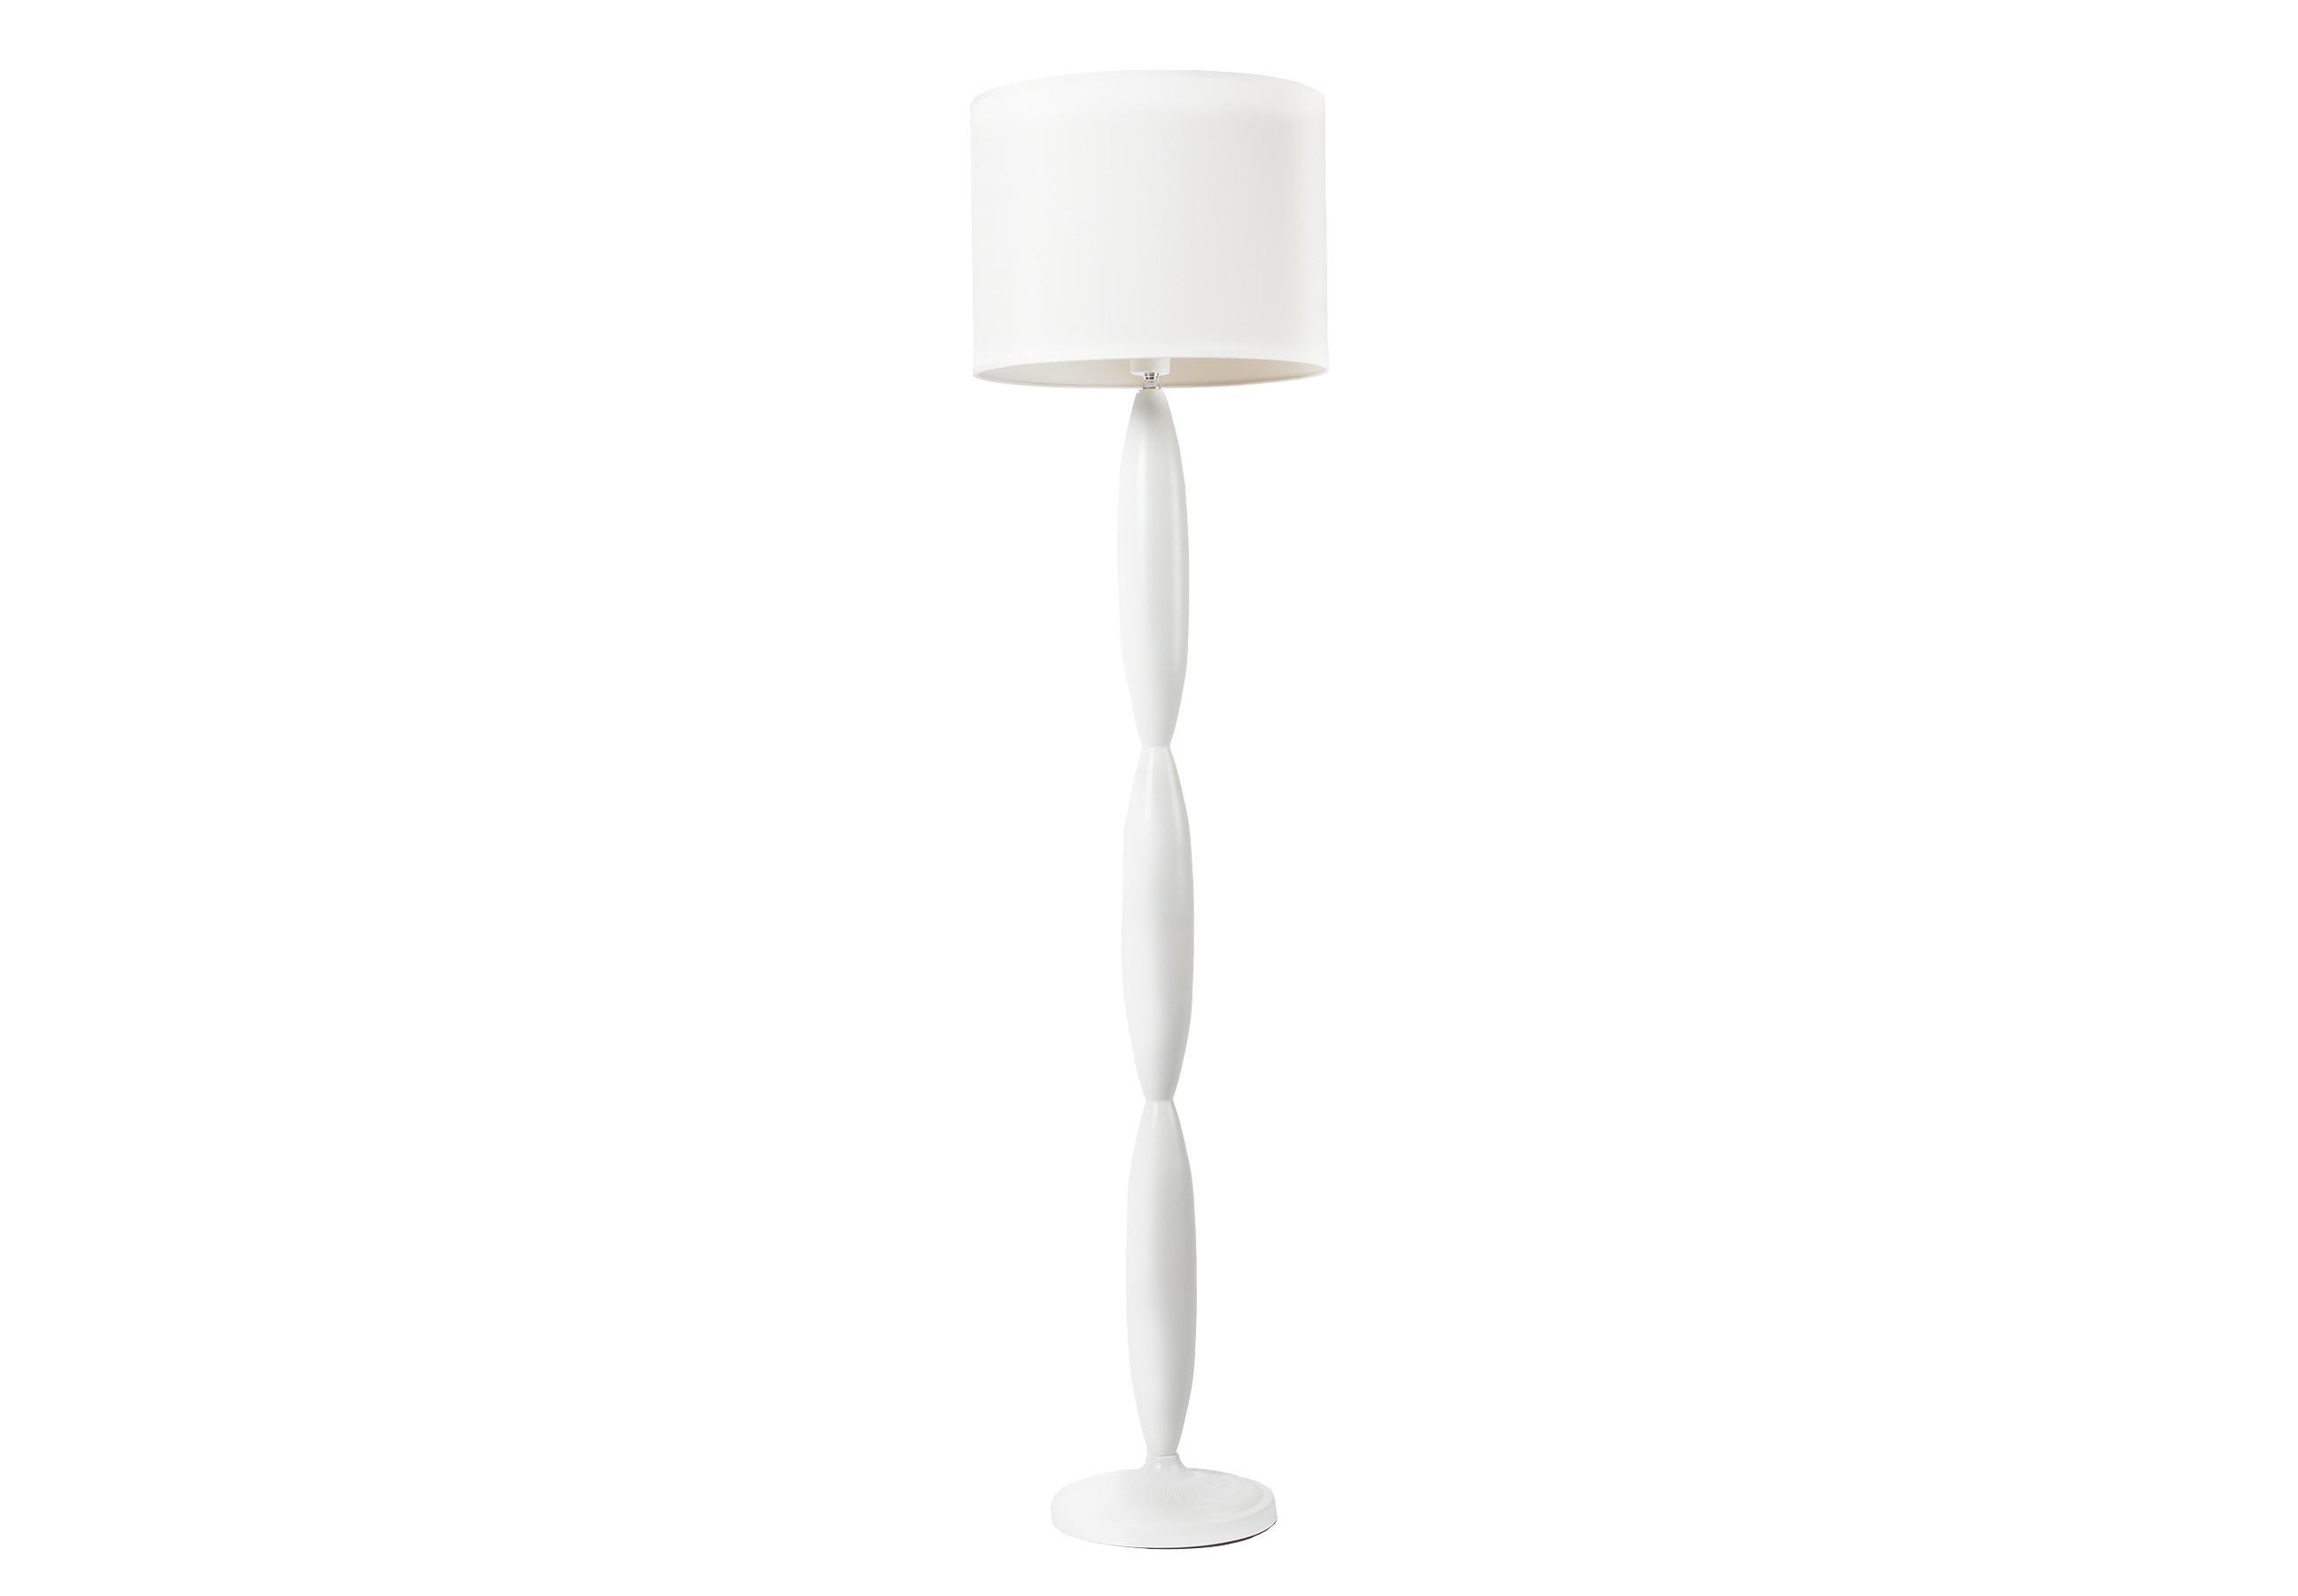 Торшер ClassicТоршеры<br>Напольная лампа: белый тканевый абажур размер диаметр 40 см, высота 30 см; основание хромированное железо белого цвета; предназначена для использования со светодиодными лампами&amp;amp;nbsp;&amp;lt;div&amp;gt;&amp;lt;br&amp;gt;&amp;lt;/div&amp;gt;&amp;lt;div&amp;gt;&amp;lt;div&amp;gt;Вид цоколя: E27&amp;lt;/div&amp;gt;&amp;lt;div&amp;gt;Мощность: &amp;amp;nbsp;60W&amp;amp;nbsp;&amp;lt;/div&amp;gt;&amp;lt;div&amp;gt;Количество ламп: 1 (в комплект не входит)&amp;lt;/div&amp;gt;&amp;lt;/div&amp;gt;<br><br>Material: Металл<br>Length см: None<br>Width см: None<br>Height см: 156<br>Diameter см: 40